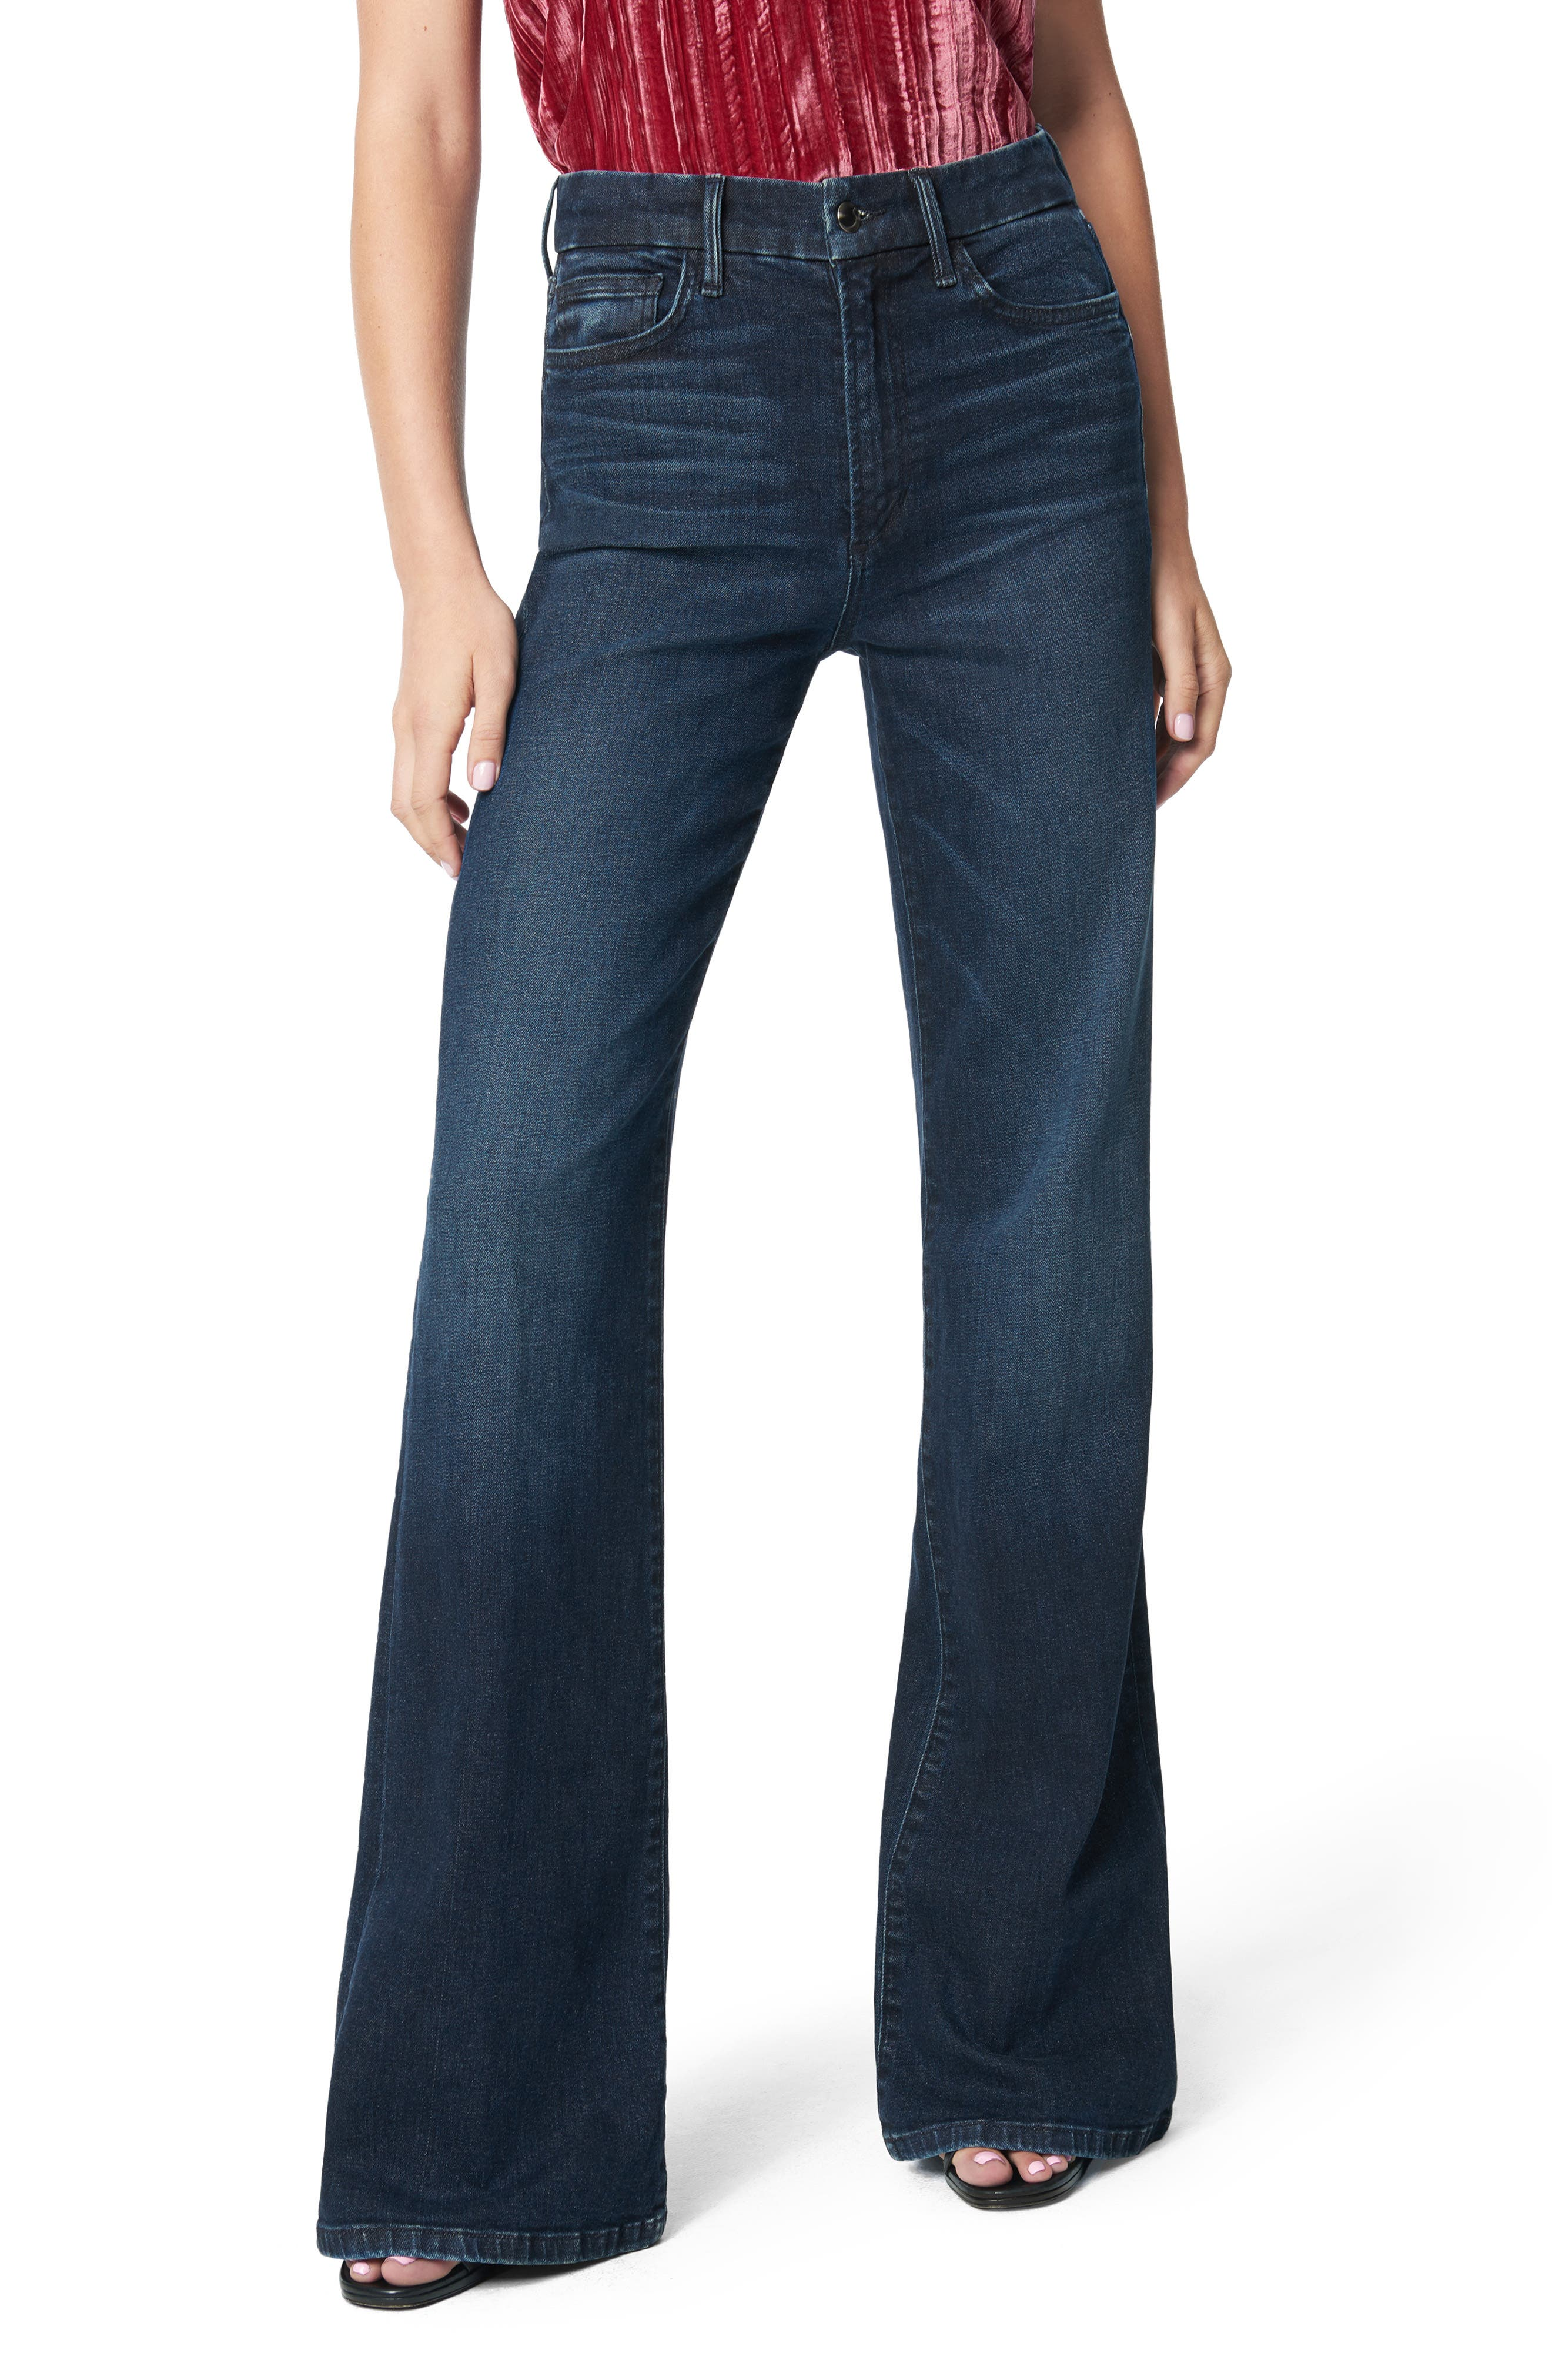 Joe's The Molly High Waist Flare Jeans (Badlands)